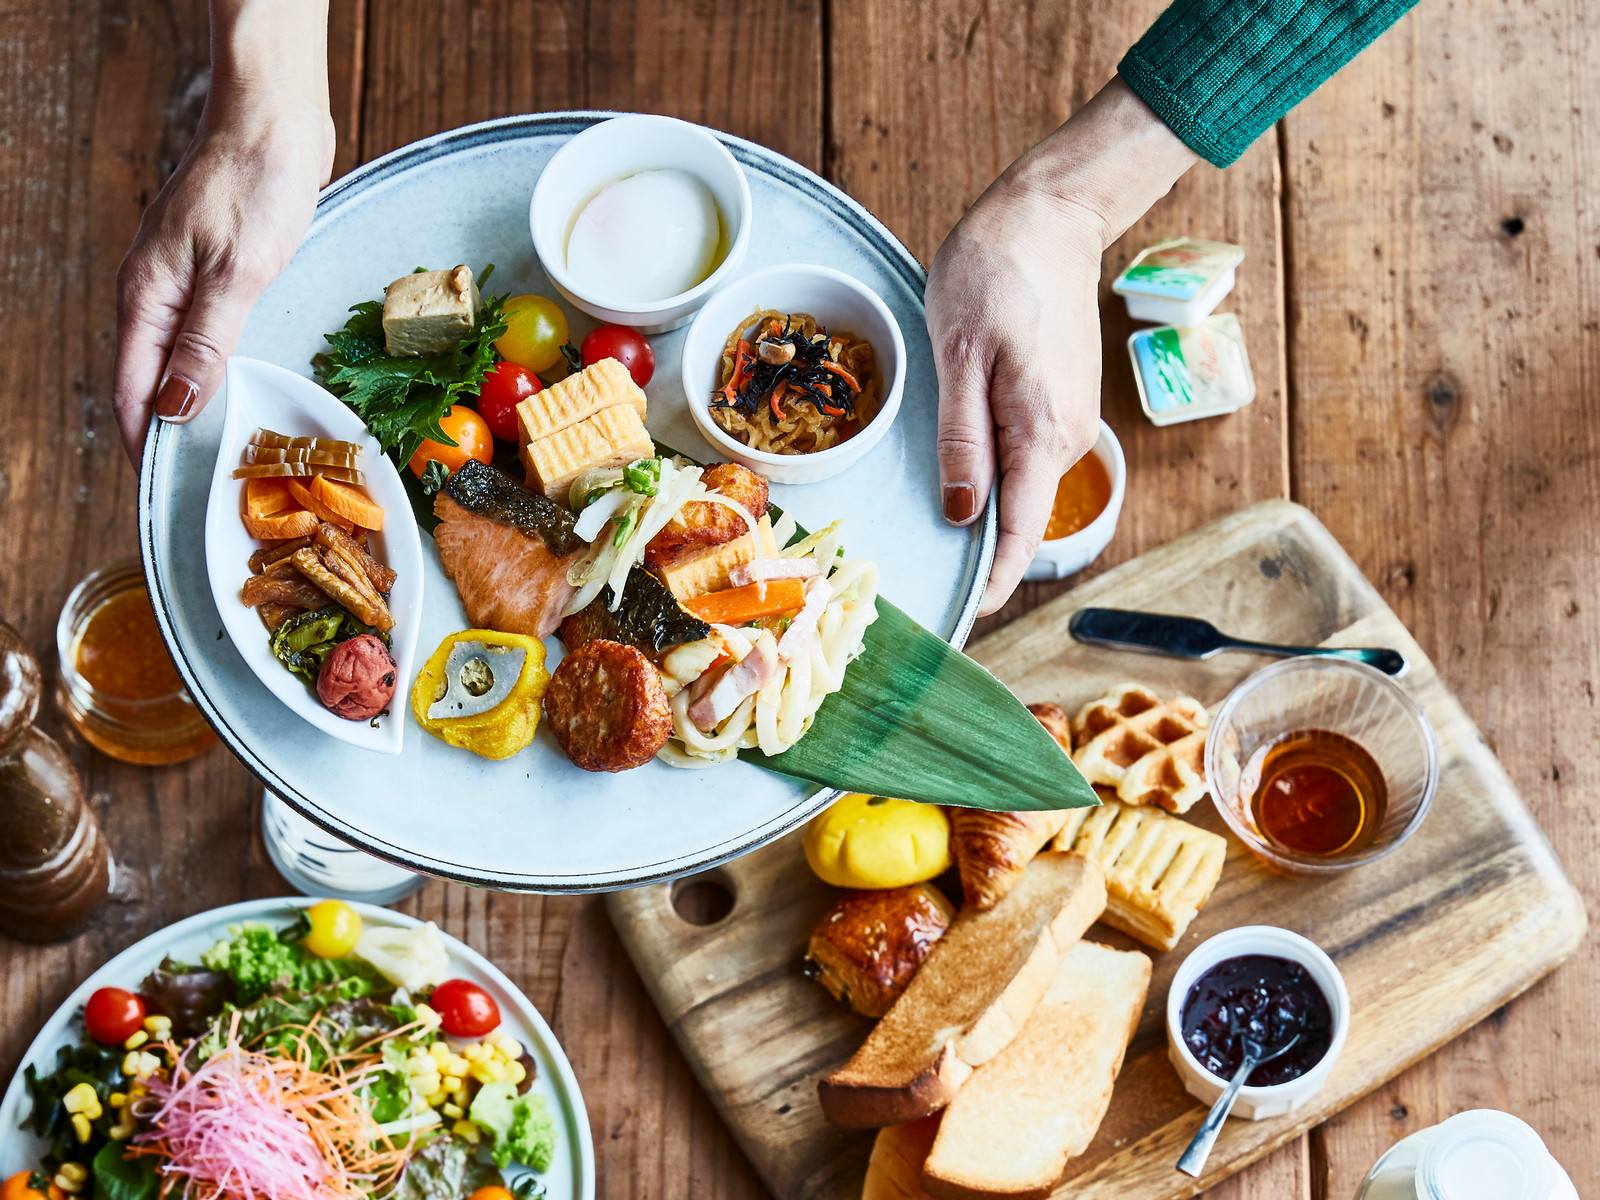 ザ ニューホテル熊本 / 【ファミリーサマービュッフェ】作って楽しい!食べて美味しい体験型ビュッフェ(2食付)